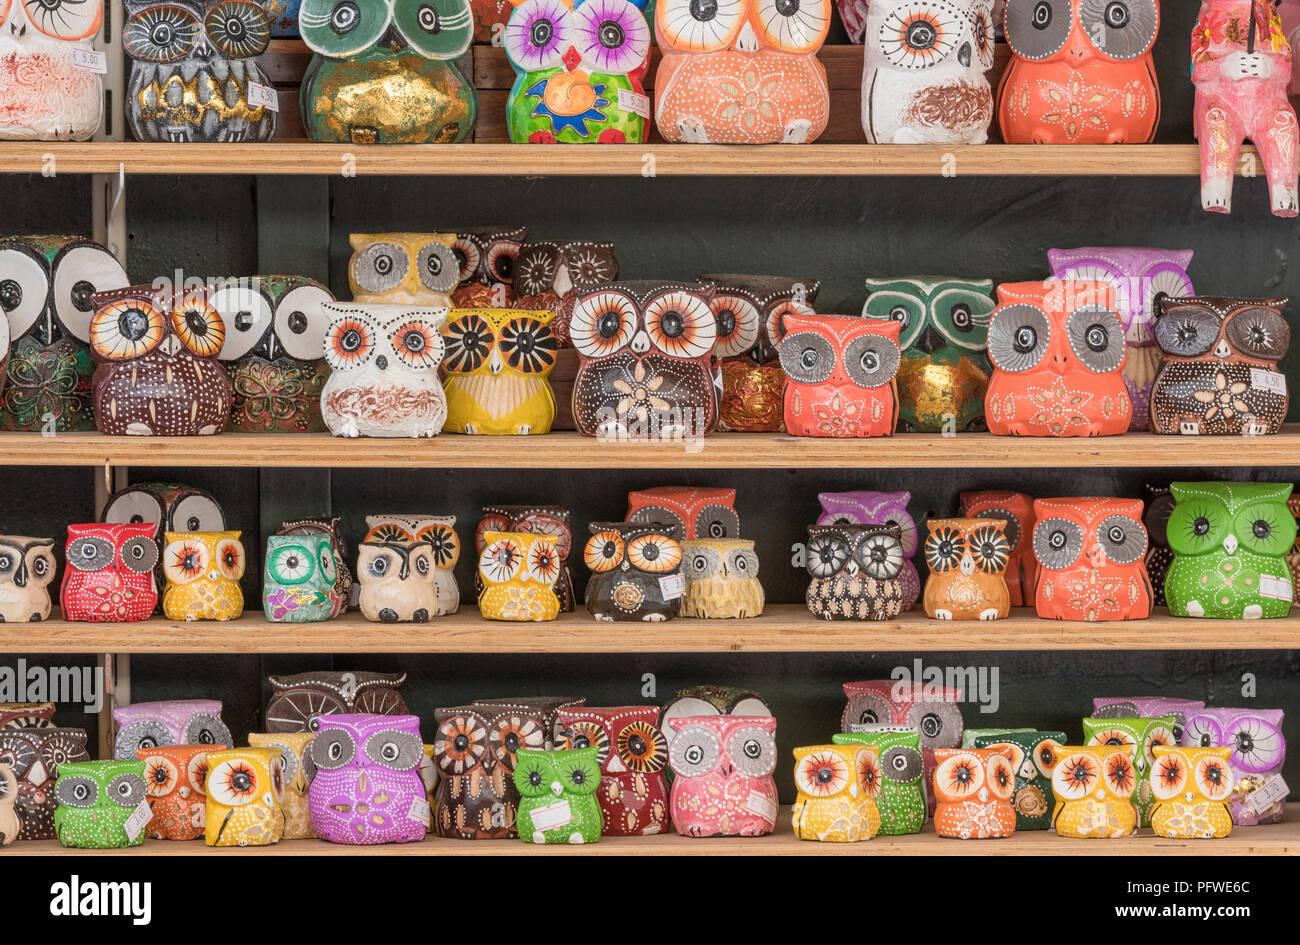 Farbenfrohen Tier oder Vogel Souvenirs in Form von Eulen auf Verkauf auf Regalen in einem Souvenirladen in der Altstadt von Kerkyra auf der griechischen Insel Korfu. Stockbild